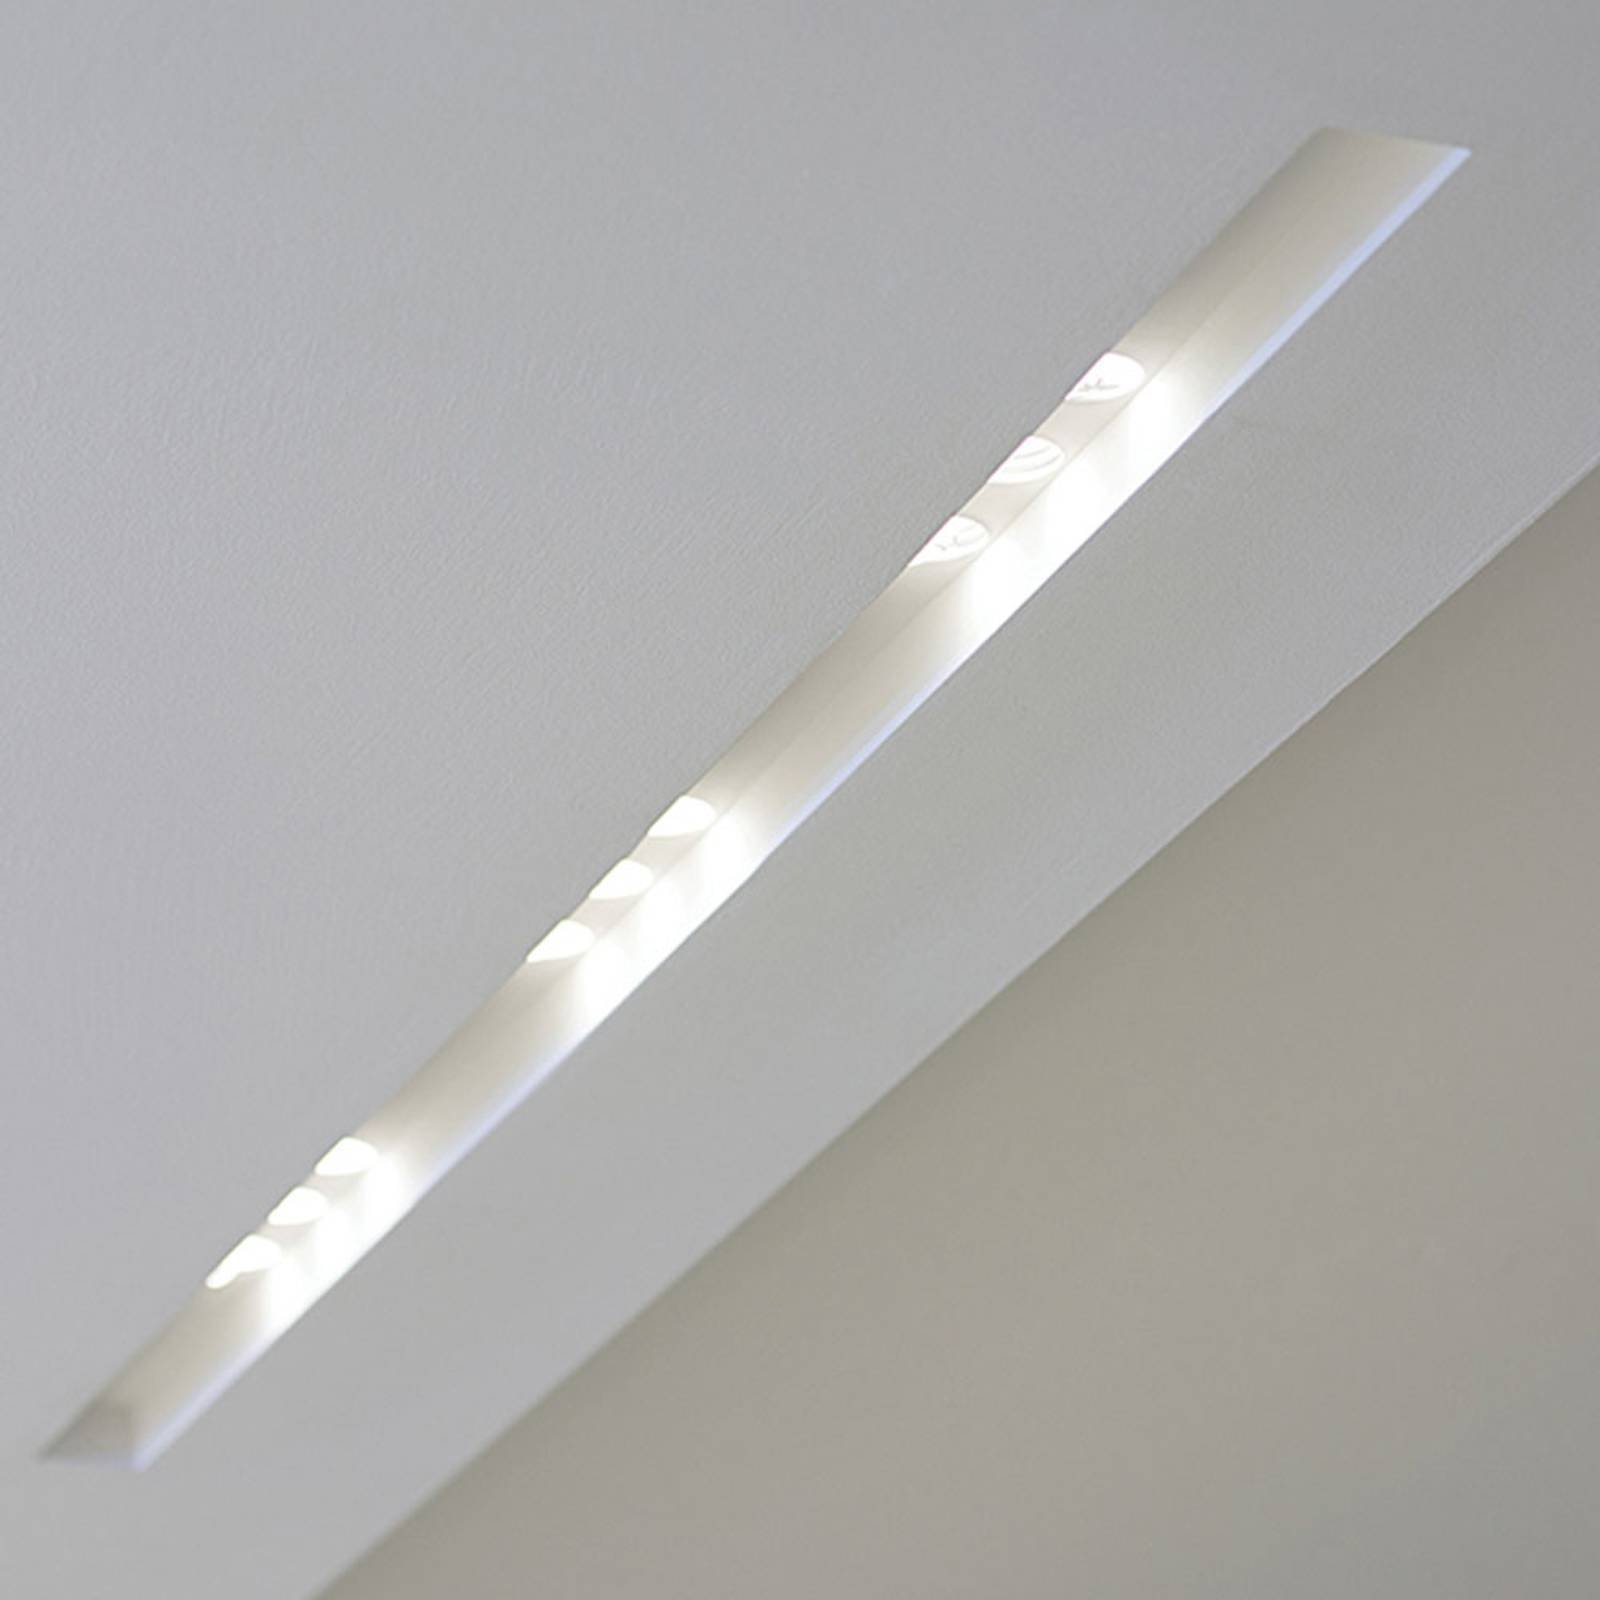 Innbygget LED-taklampe 4191C GU10 lengde 20,5 cm